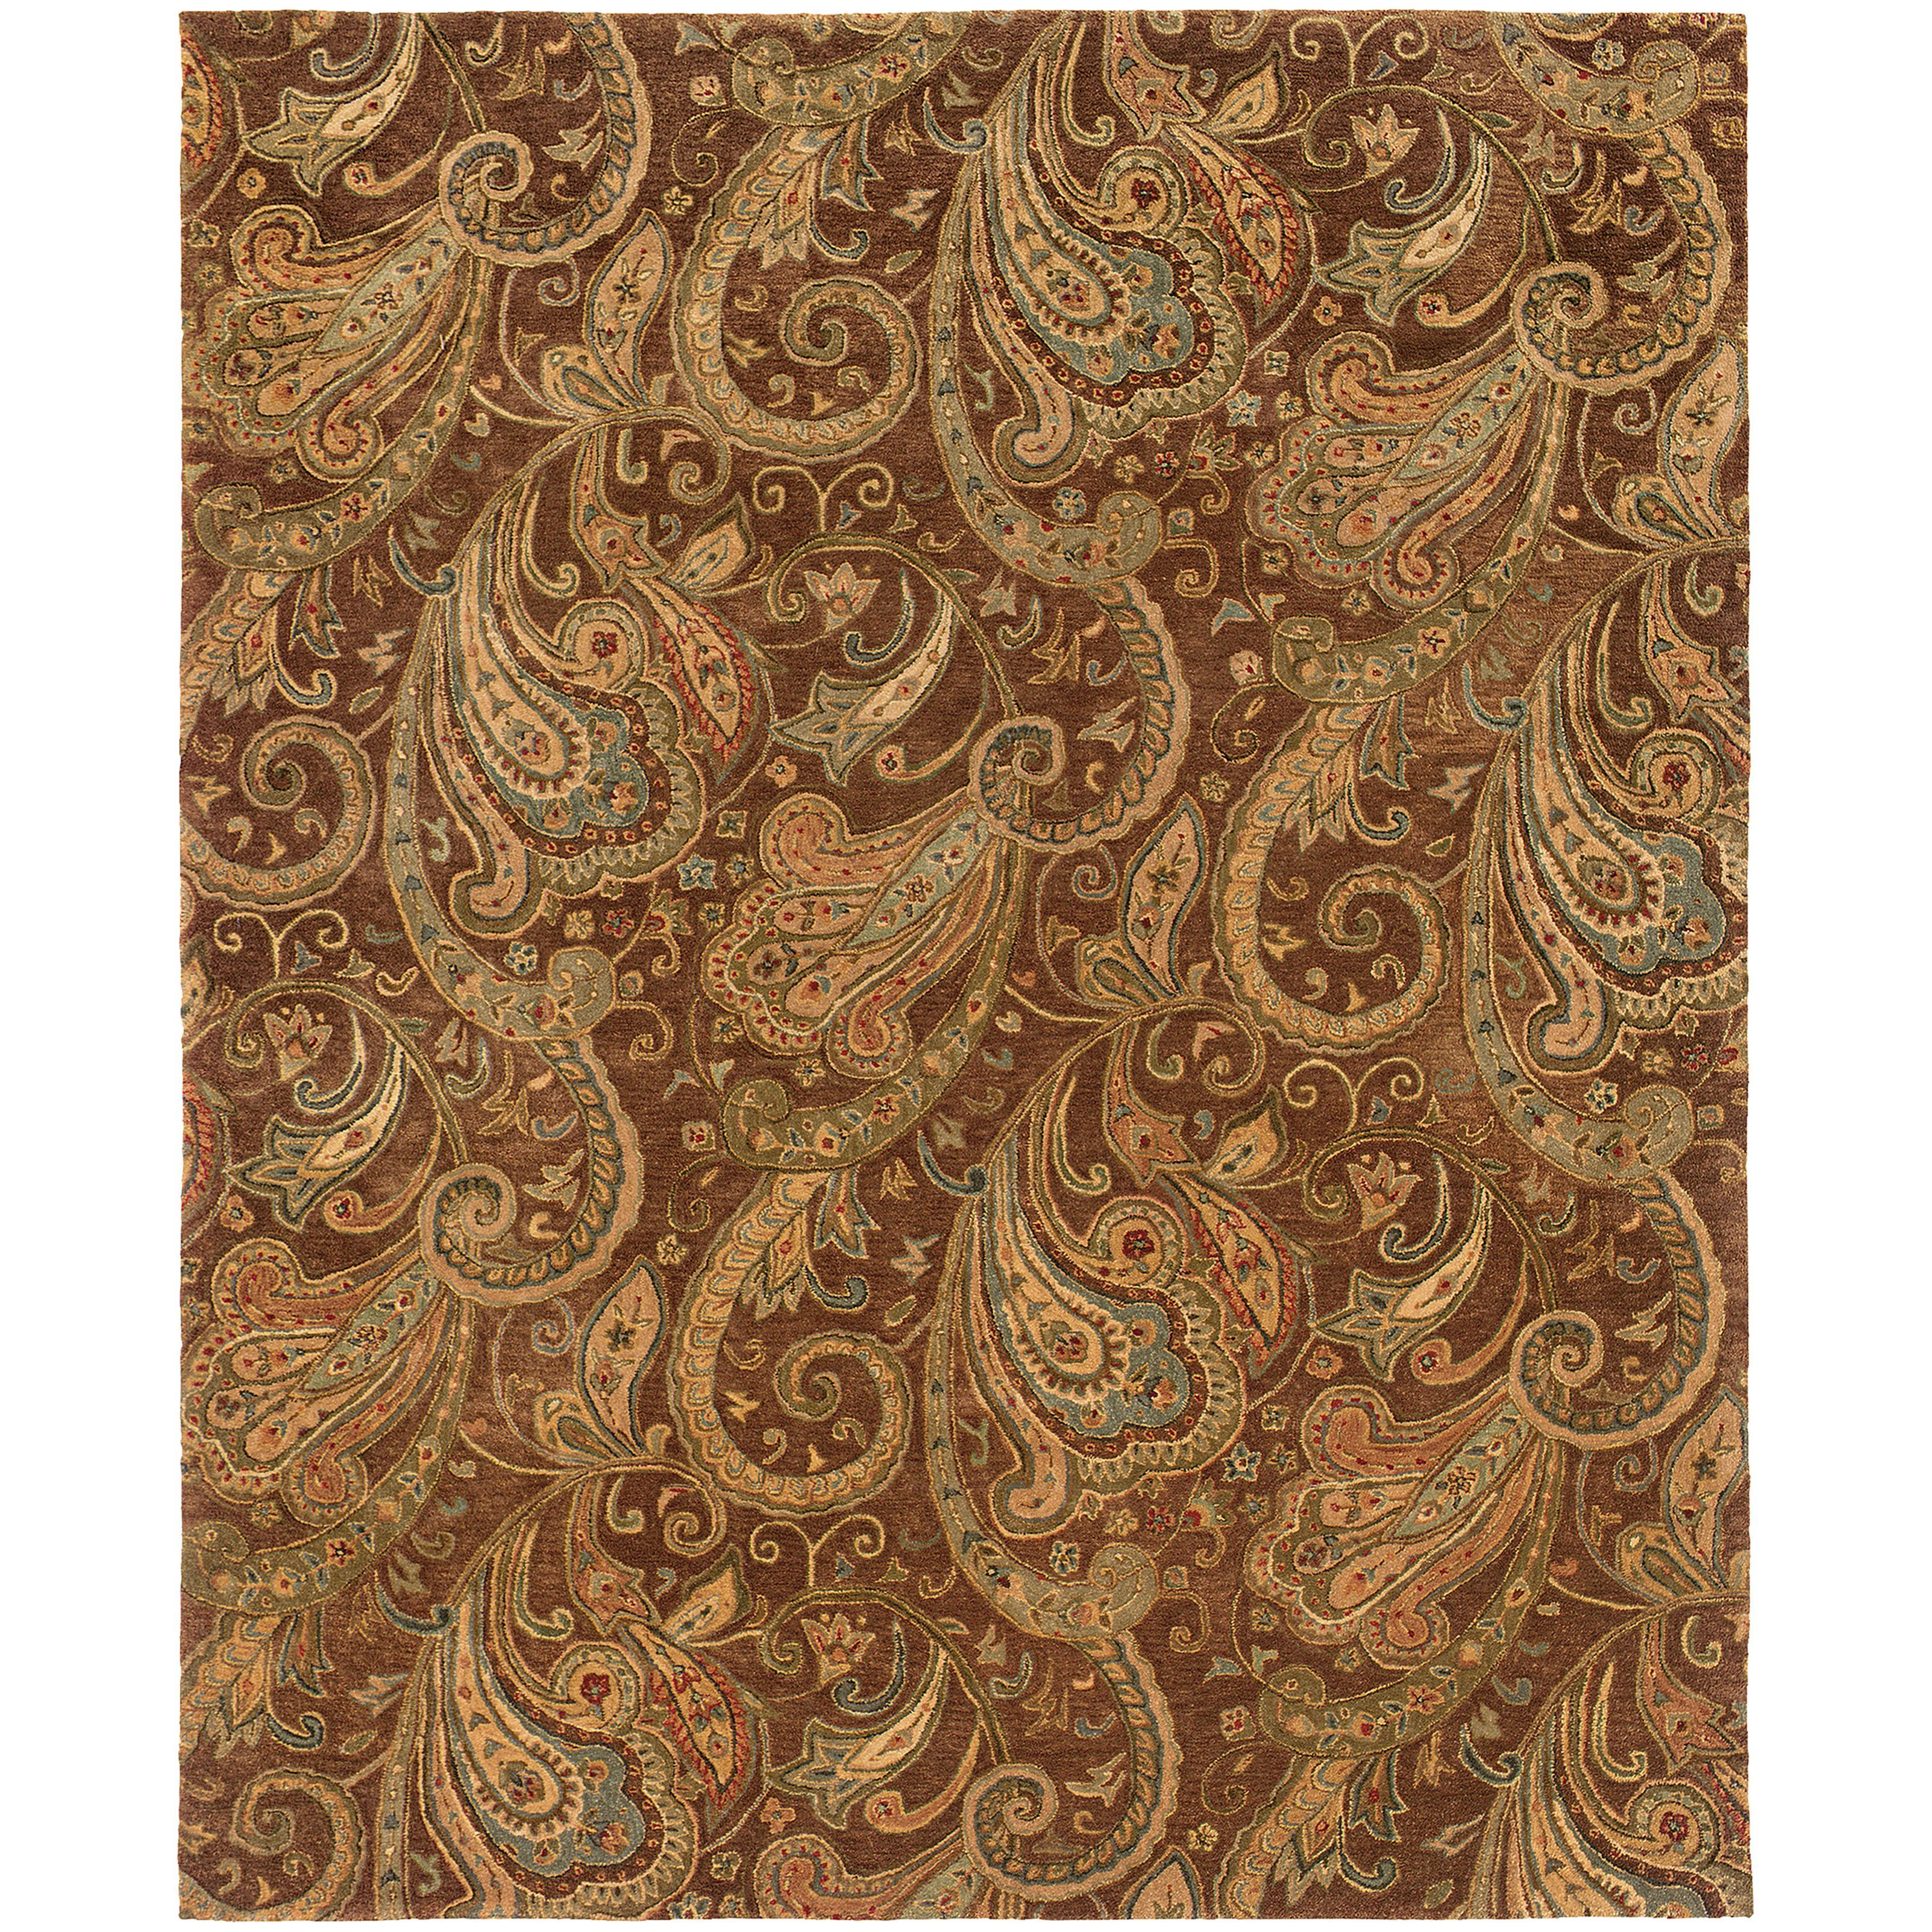 Oriental Weavers Huntley 19102 Brown Gold Paisley Area Rug